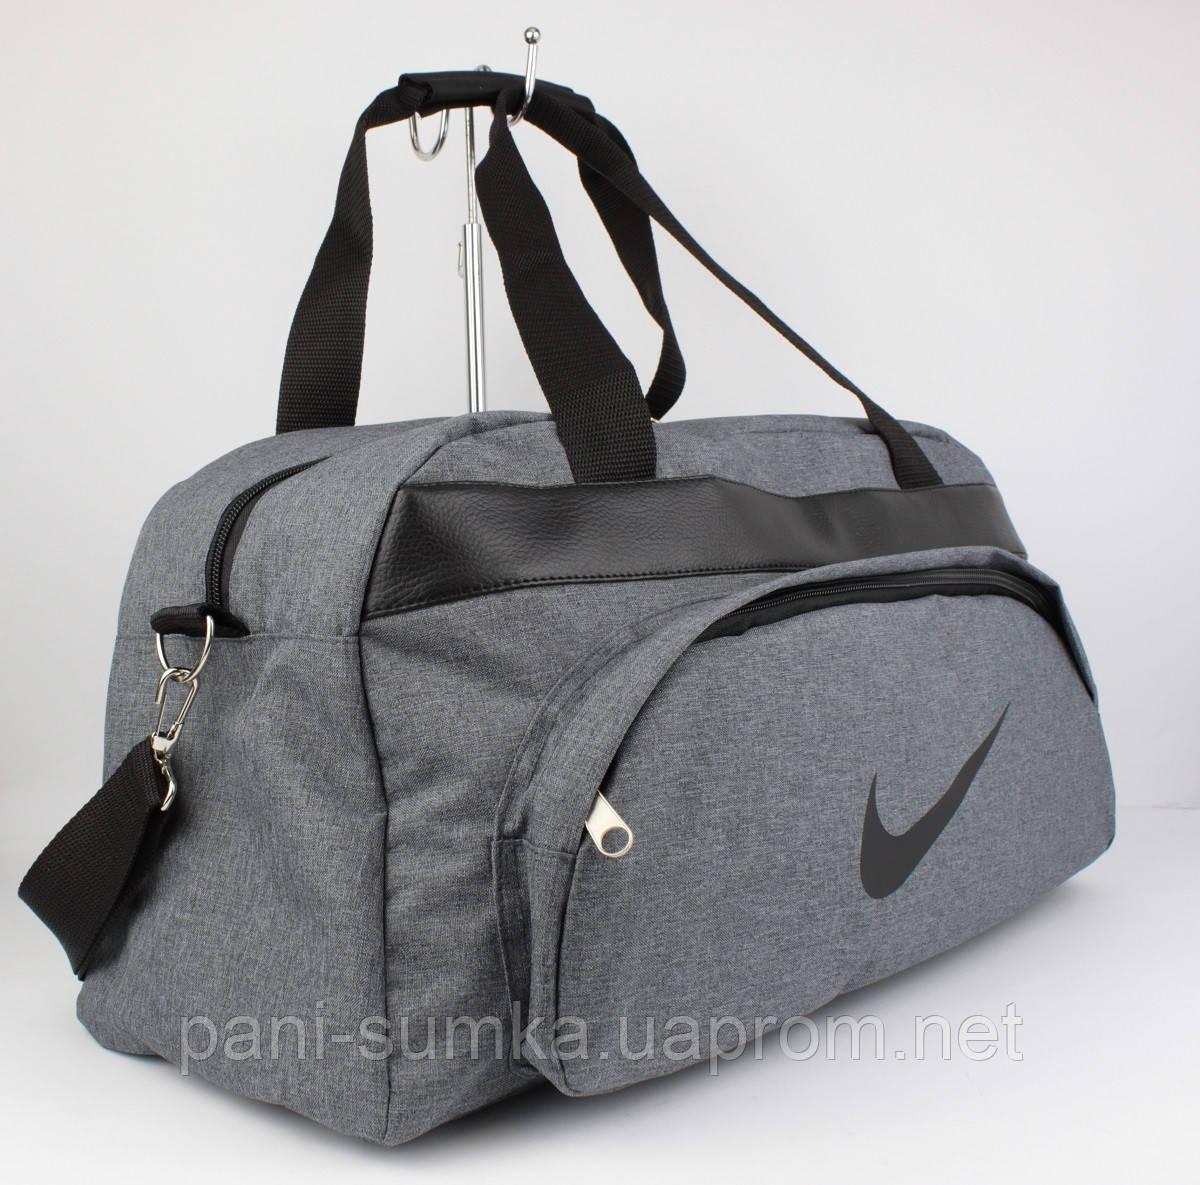 ff4bb96e145f Качественная спортивная, дорожная сумка Nike 1325-1 серая уплотненная